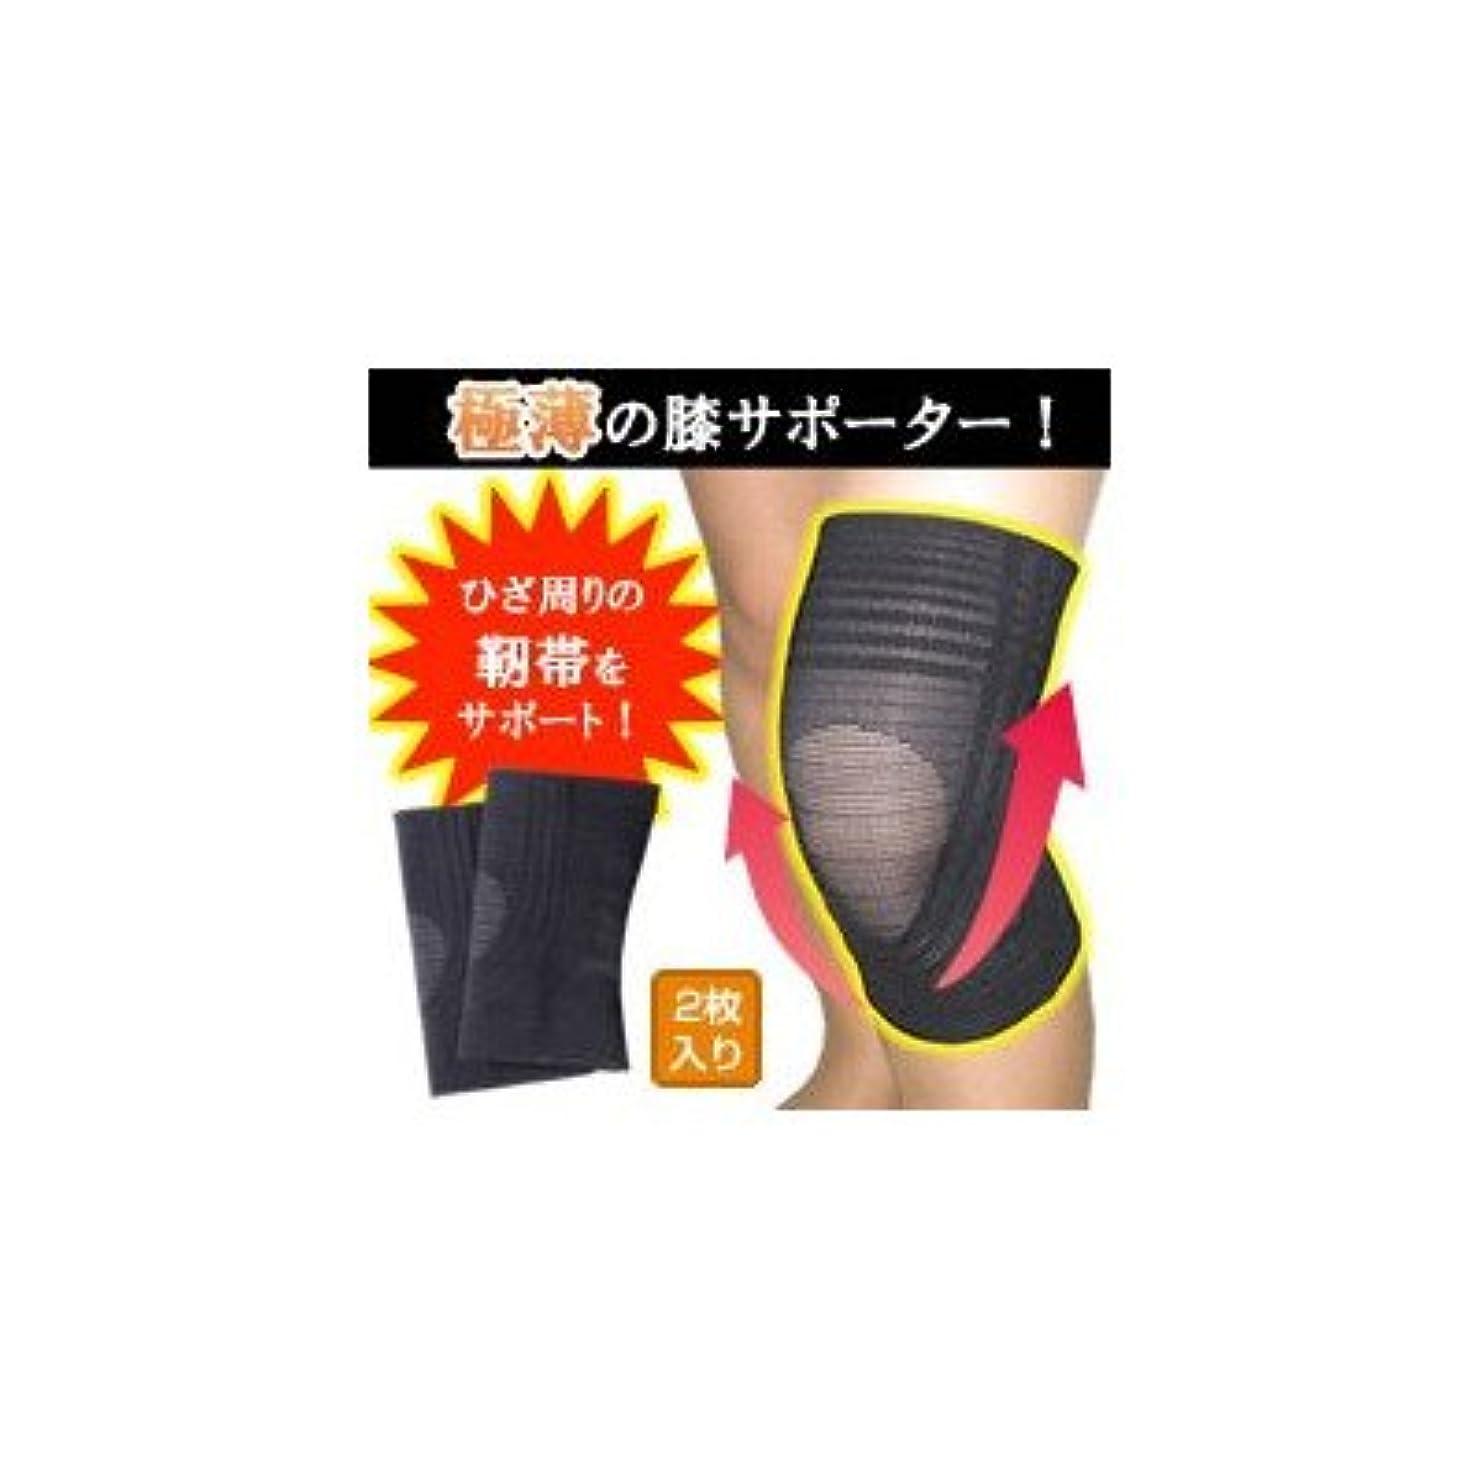 見物人連帯明らか縁の下の膝靭帯サポーター M( 画像はイメージ画像です お届けの商品はMのみとなります)